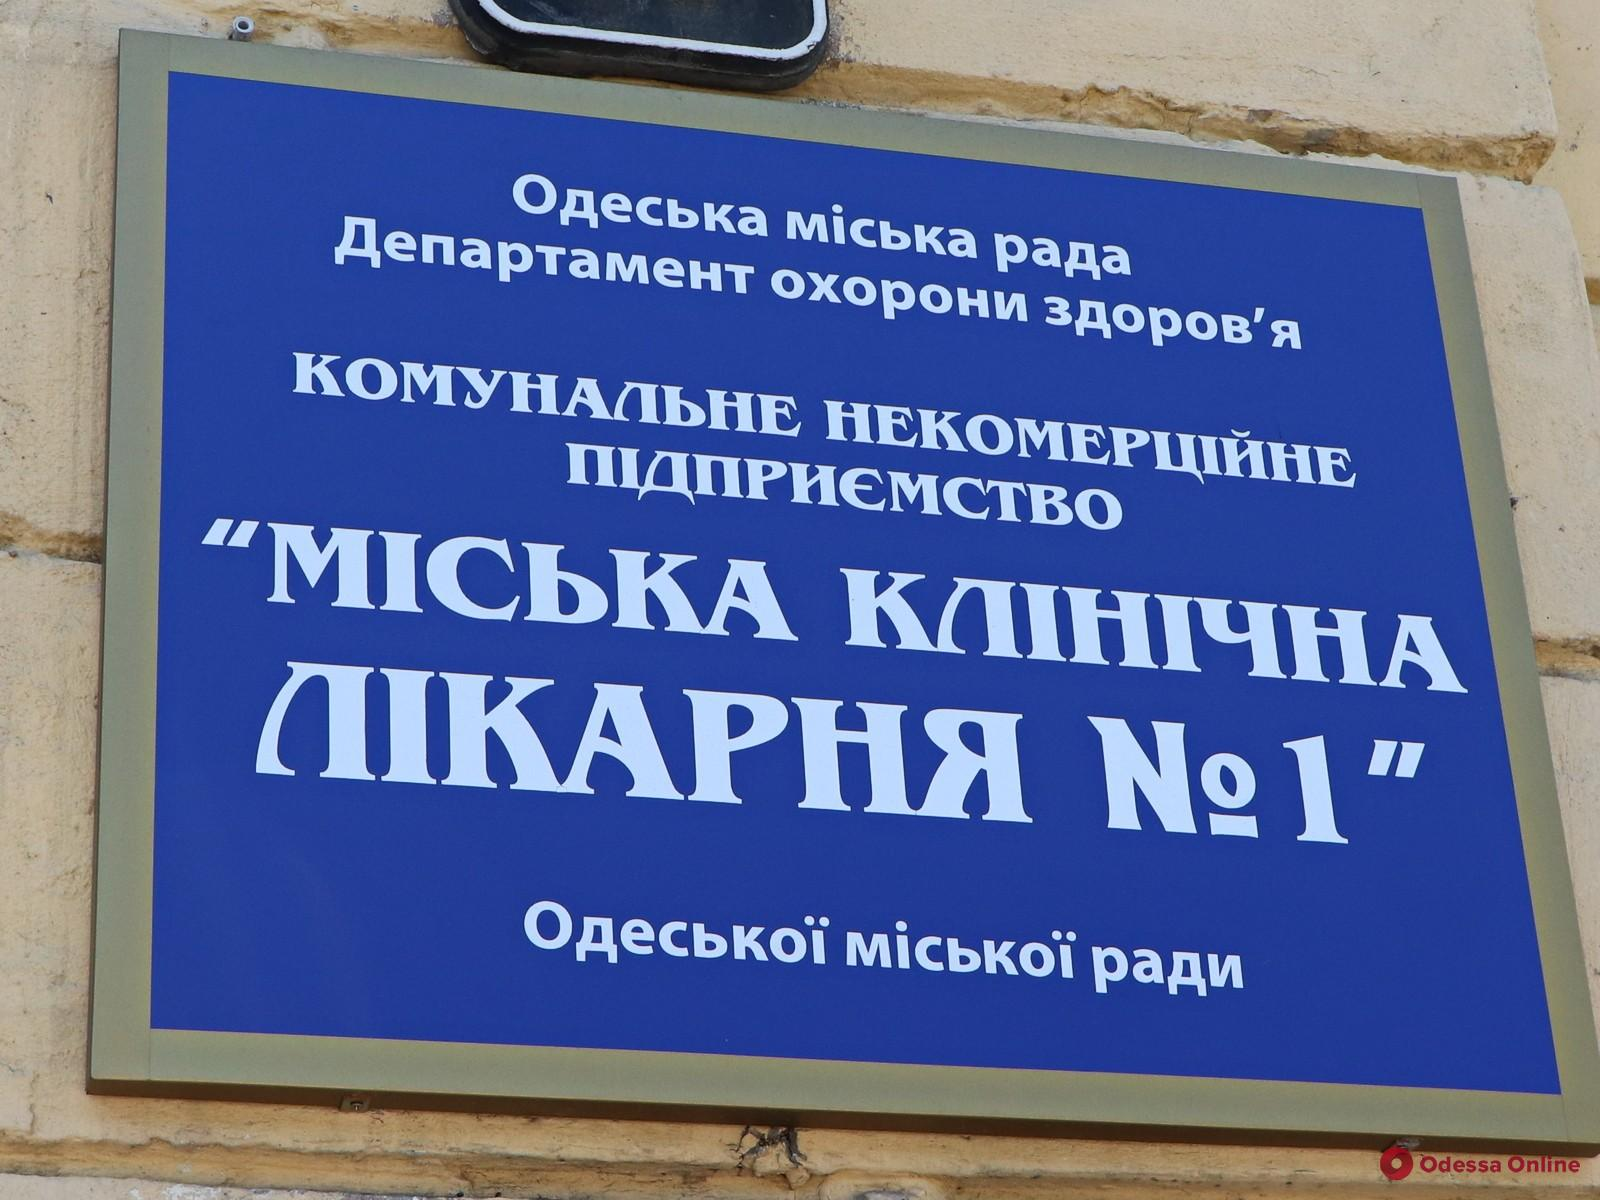 В Одессе ремонтируют главный хирургический корпус Еврейской больницы (фото)